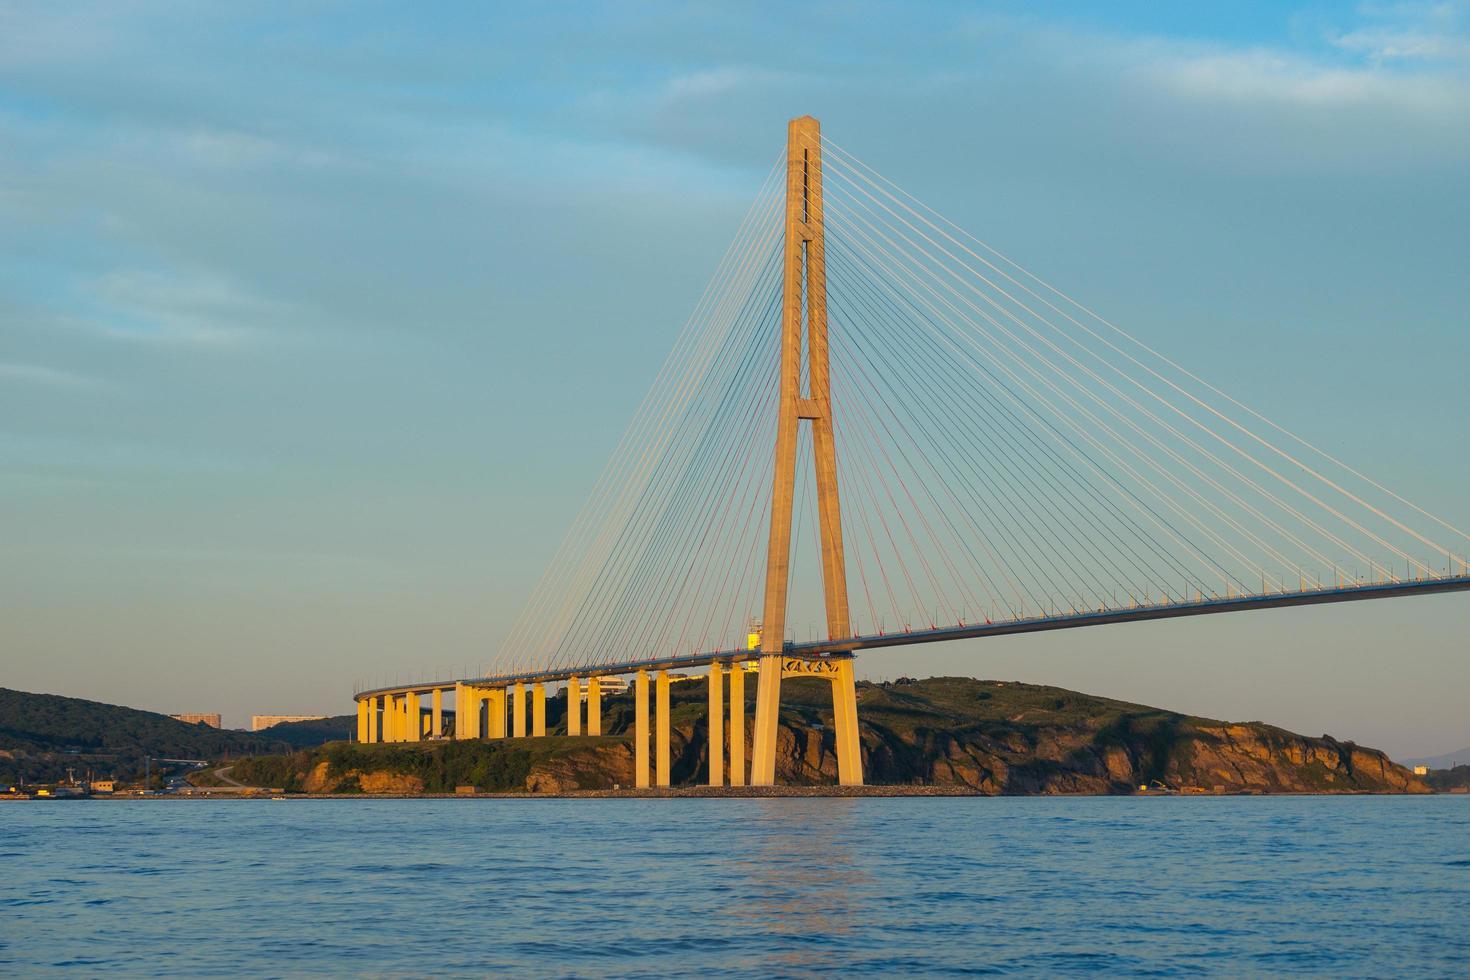 Seestück der goldenen Hornbucht und der Zolotoybrücke mit bewölktem blauem Himmel in Wladiwostok, Russland foto